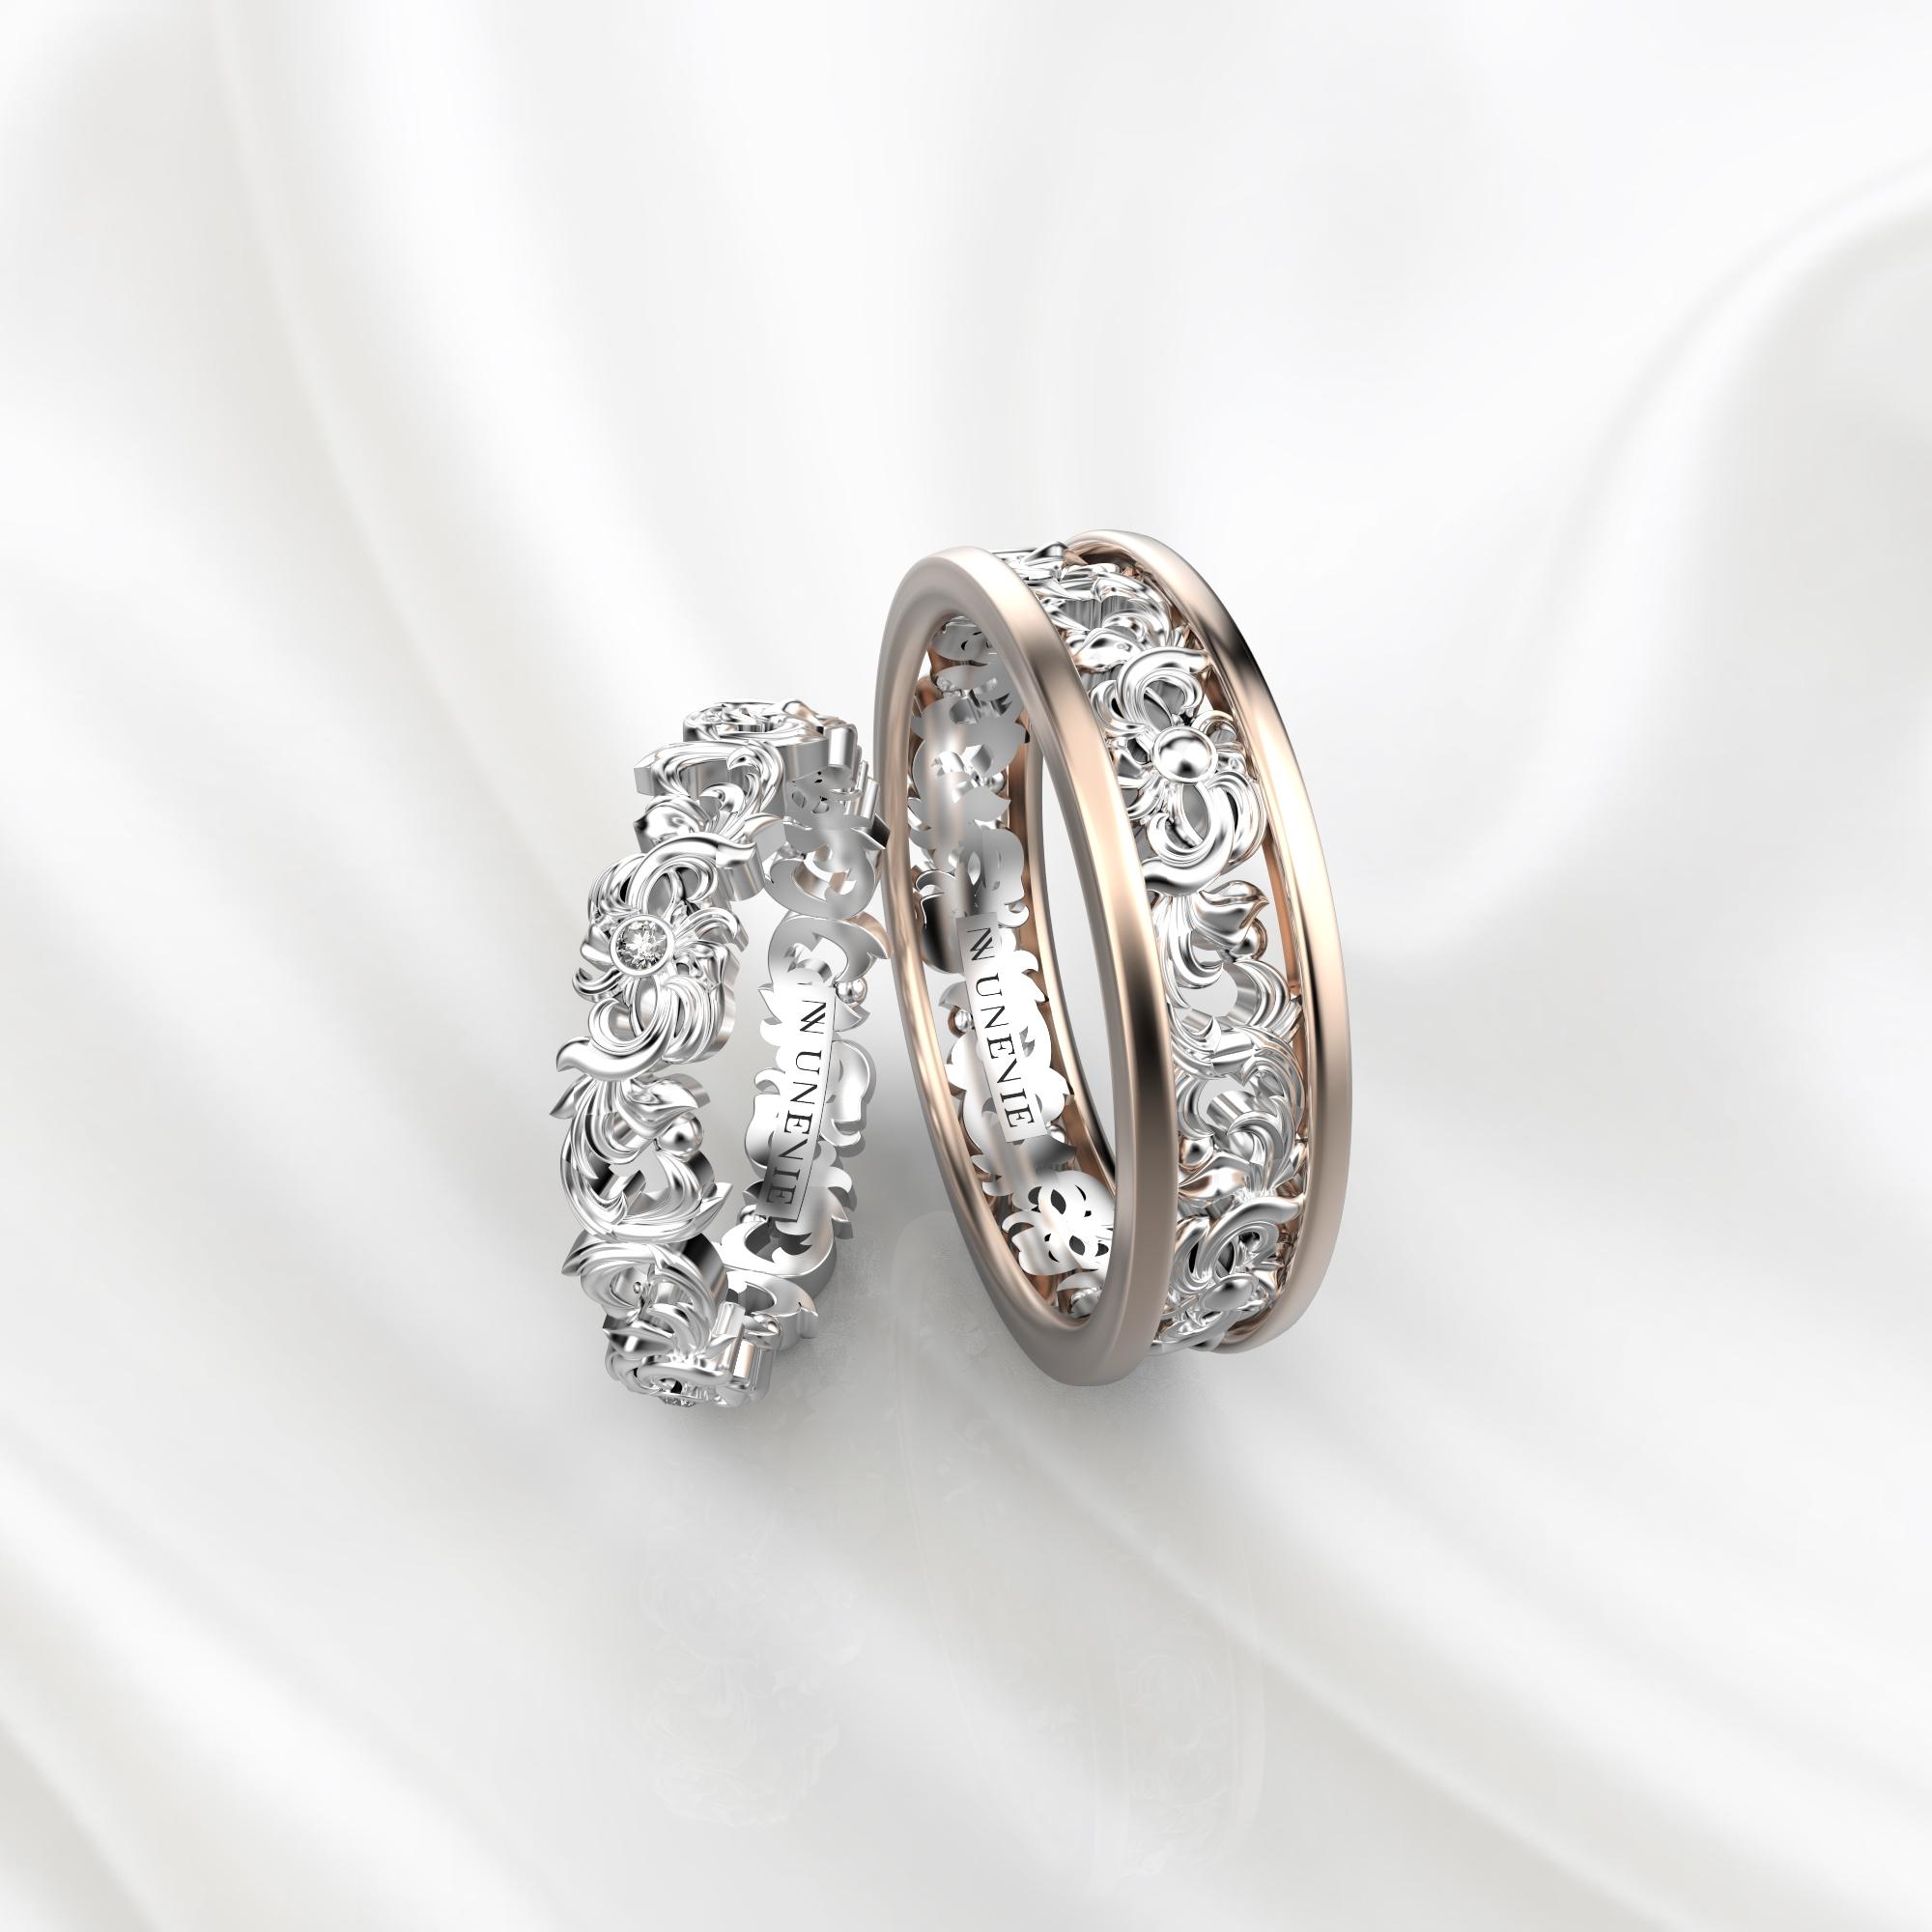 NV57 Парные обручальные кольца из розово-белого золота с бриллиантами